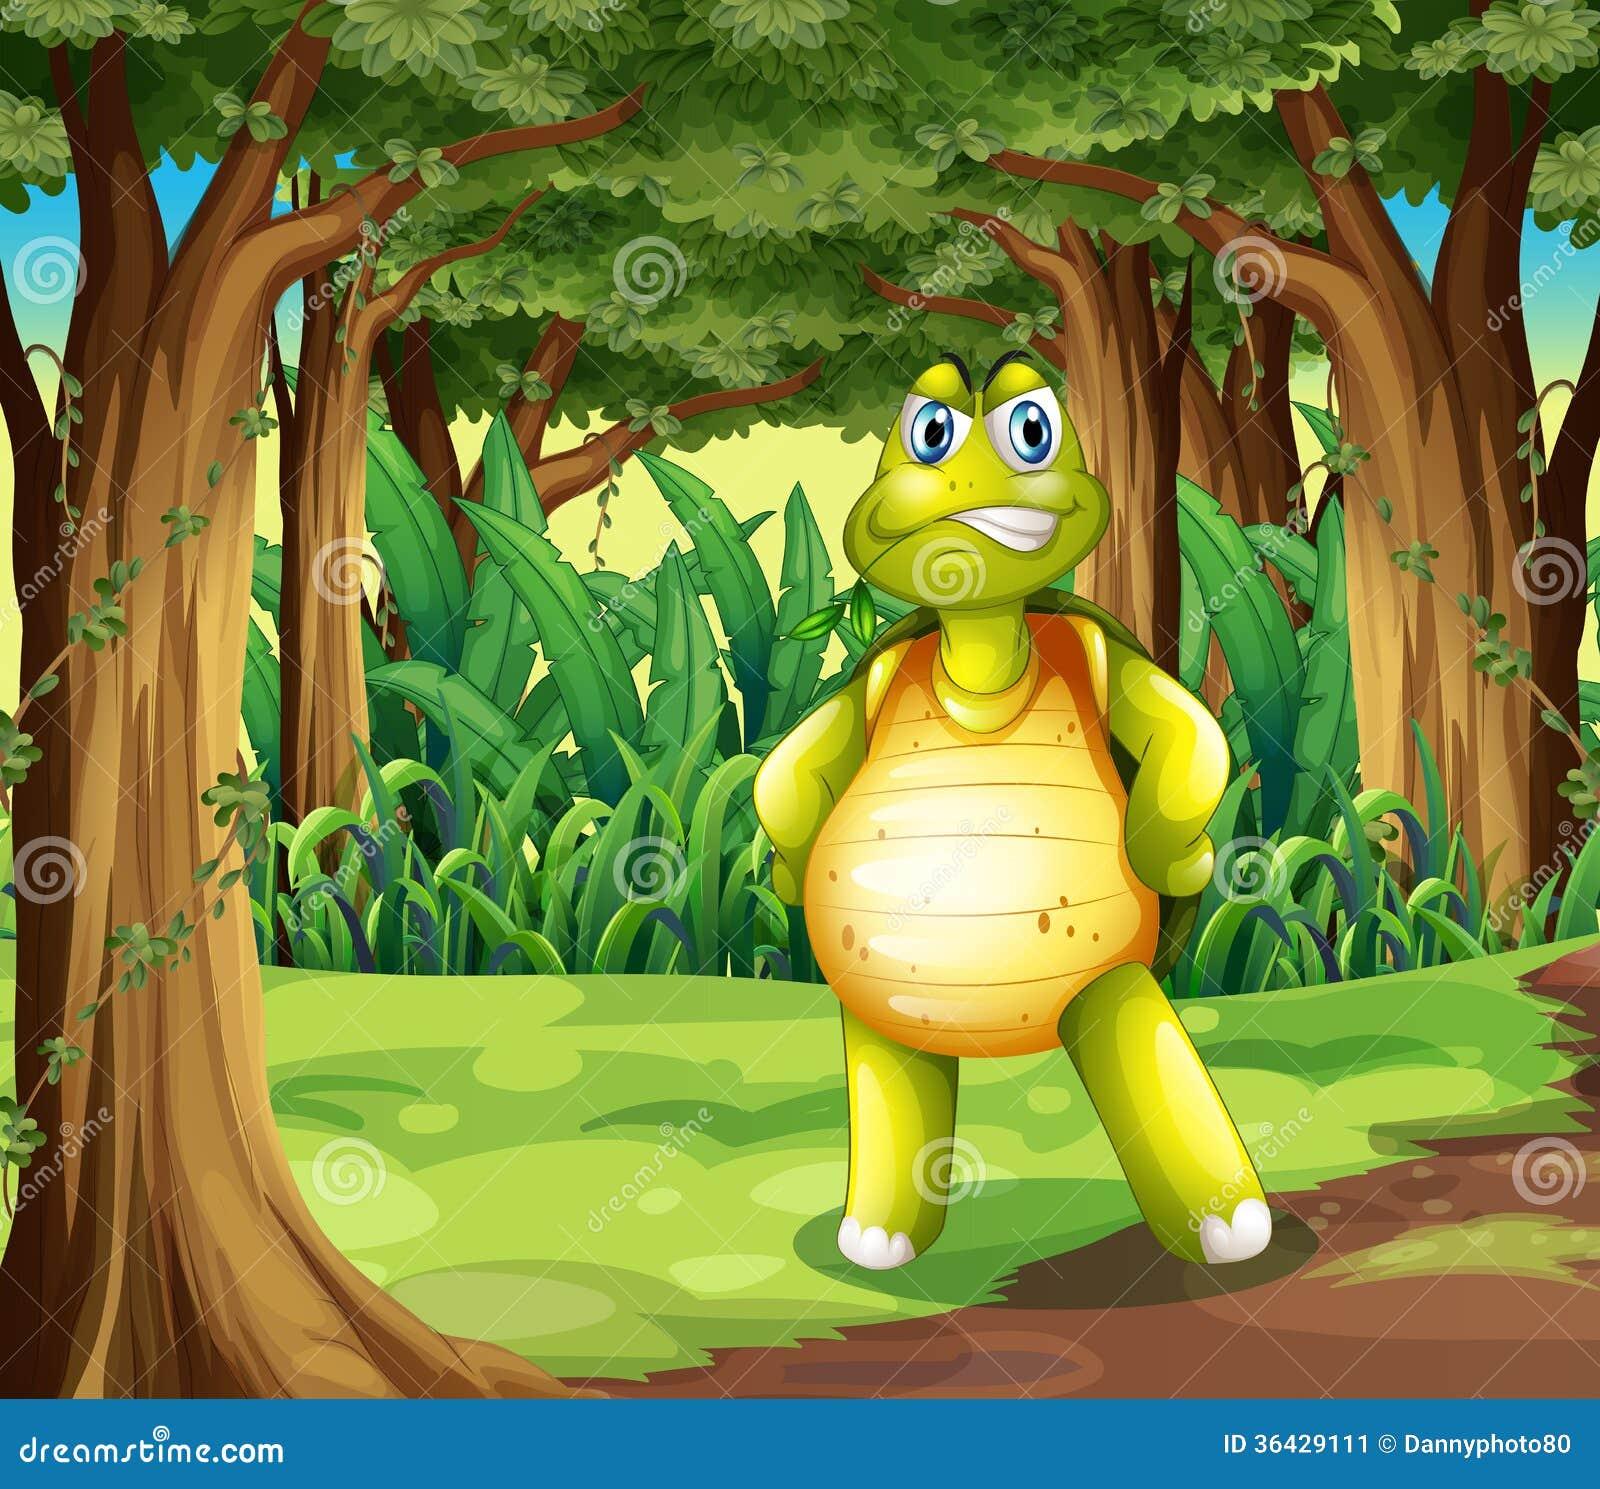 Uma floresta com uma tartaruga que está no meio das árvores